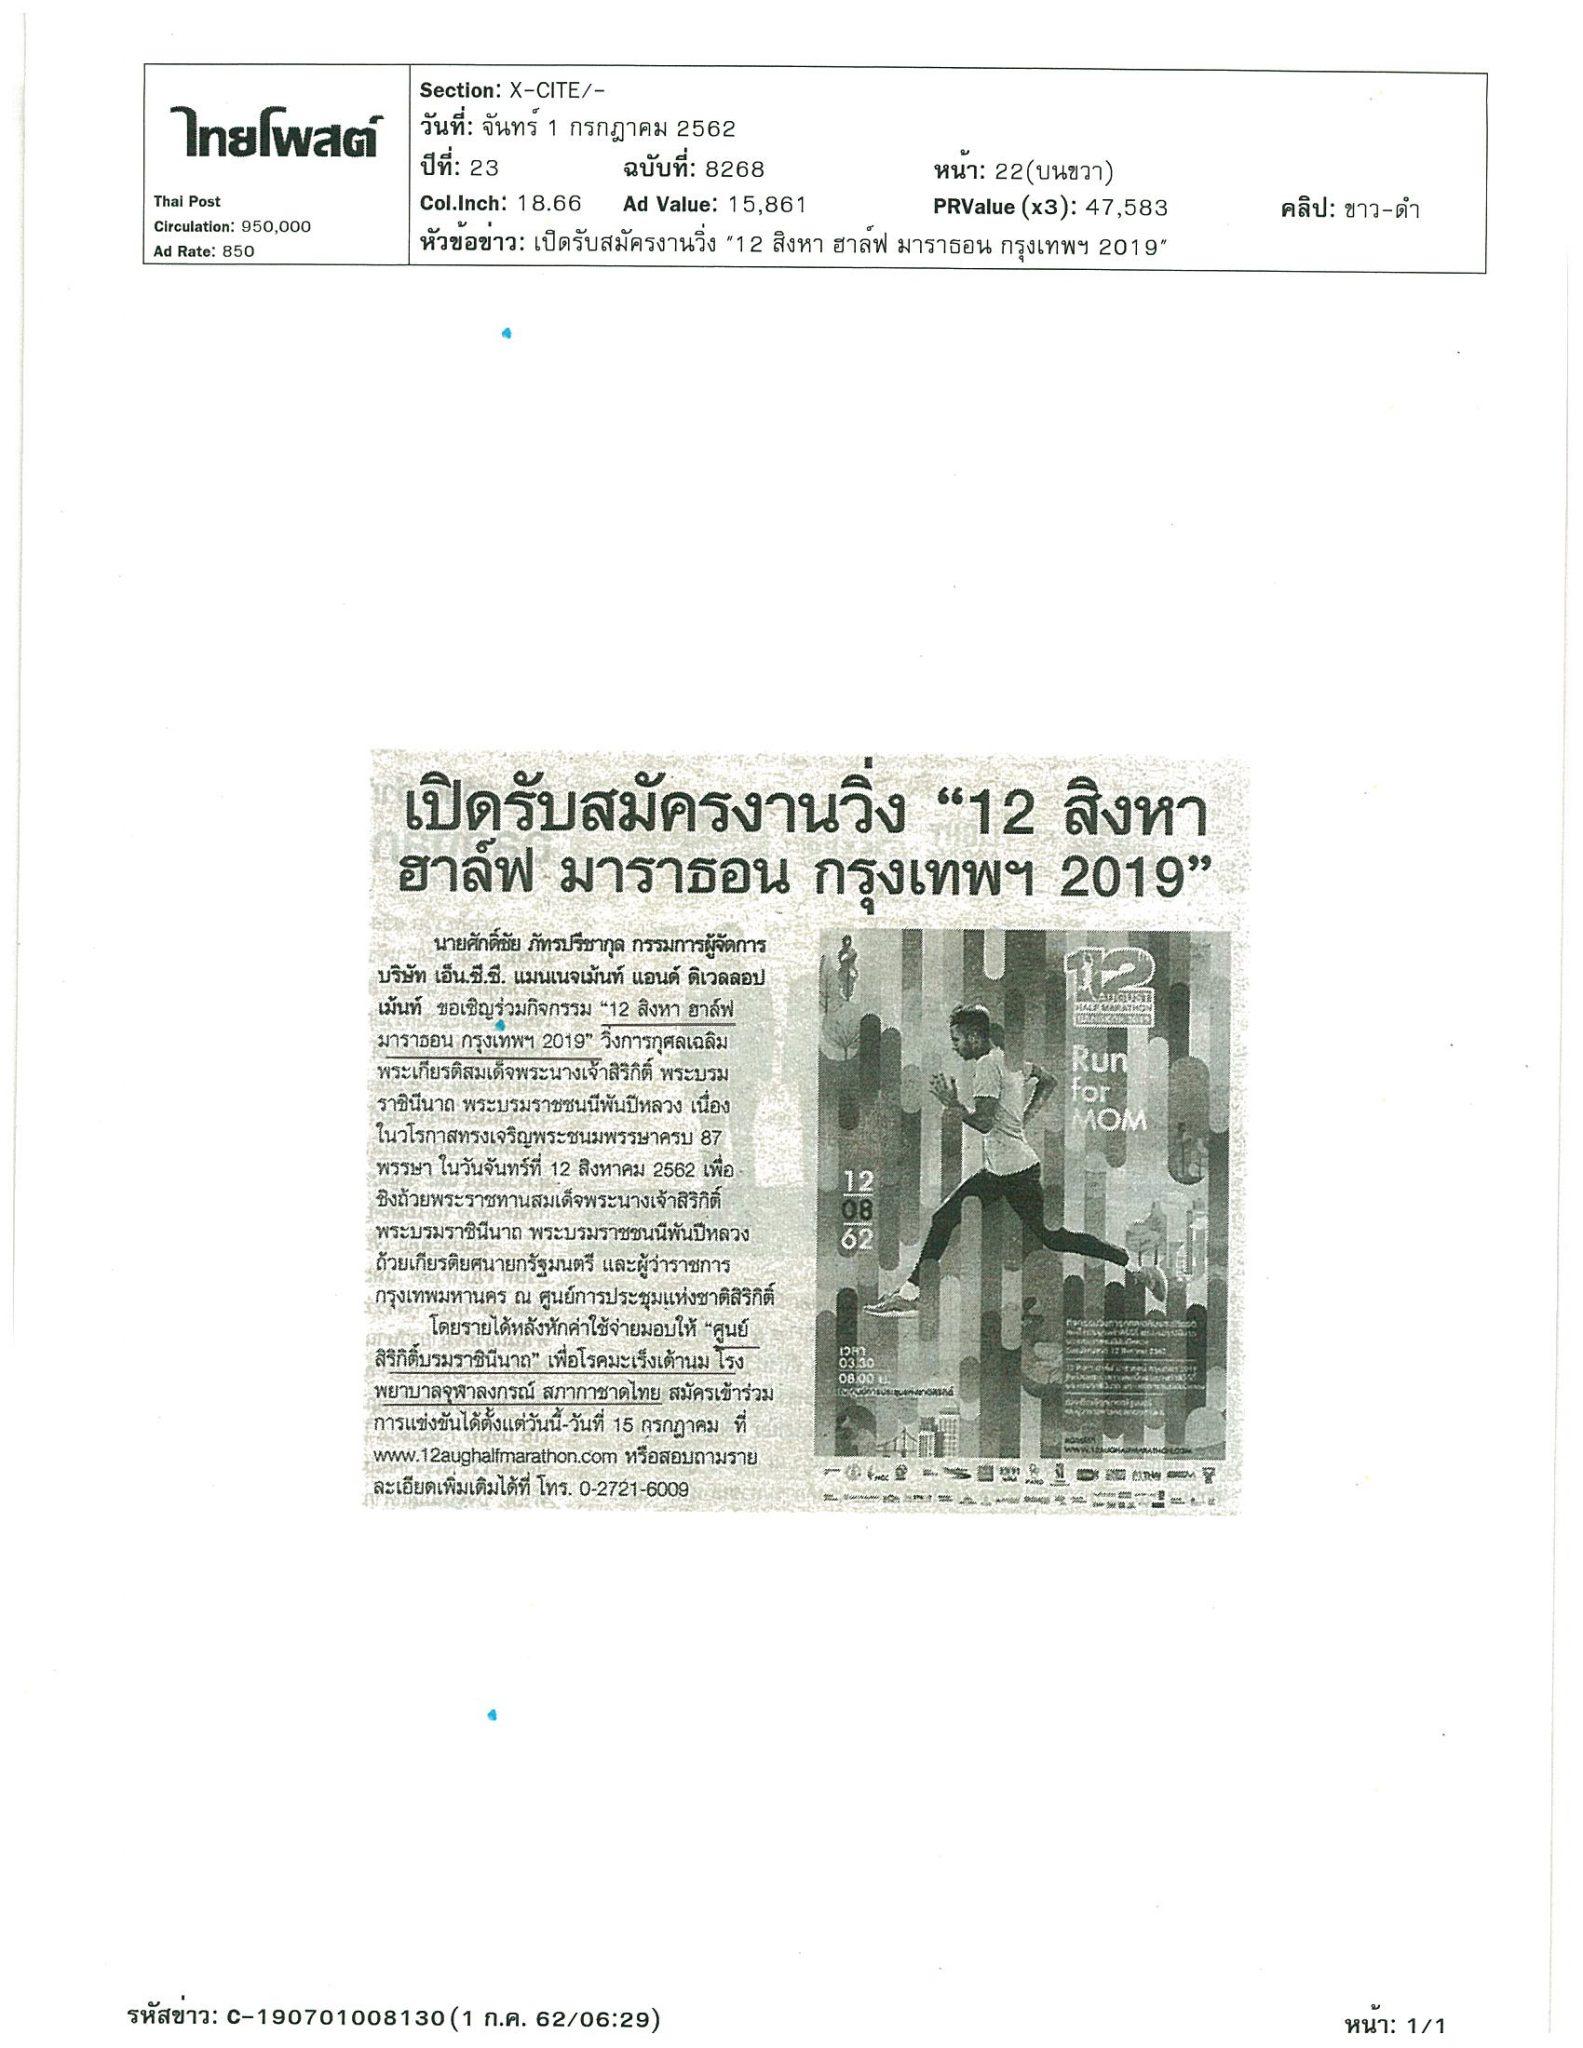 12 สิงหา ฮาล์ฟ มาราธอน กรุงเทพฯ 2019 รายได้มอบให้ รพ.จุฬาฯ